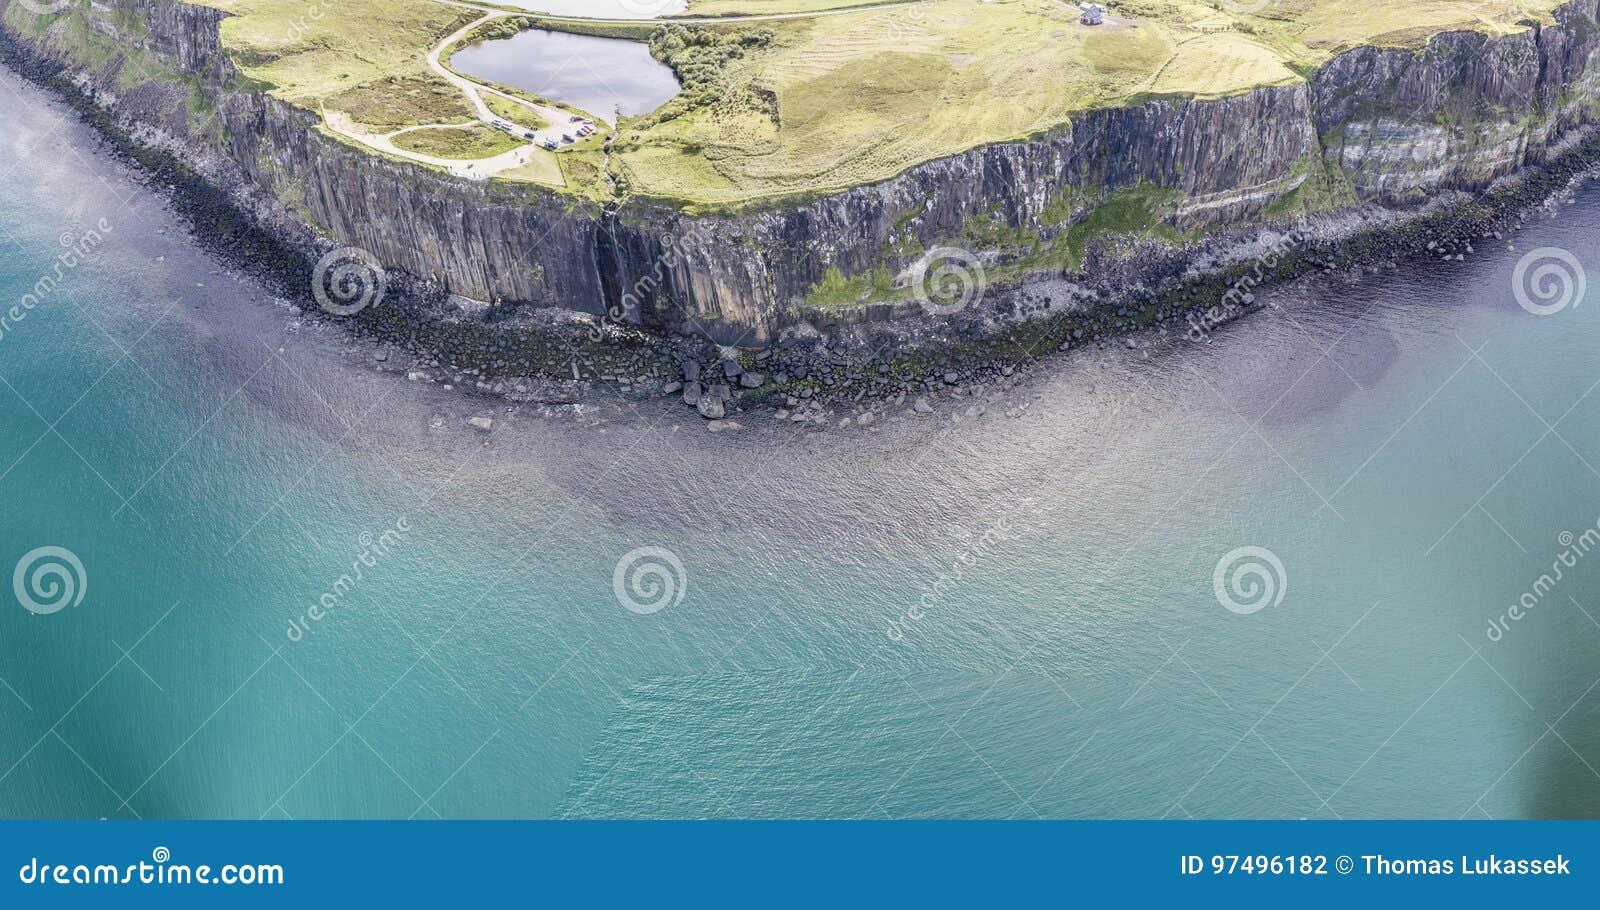 Colpo aereo cinematografico della linea costiera drammatica alle scogliere vicino alla cascata famosa della roccia del kilt, Skye